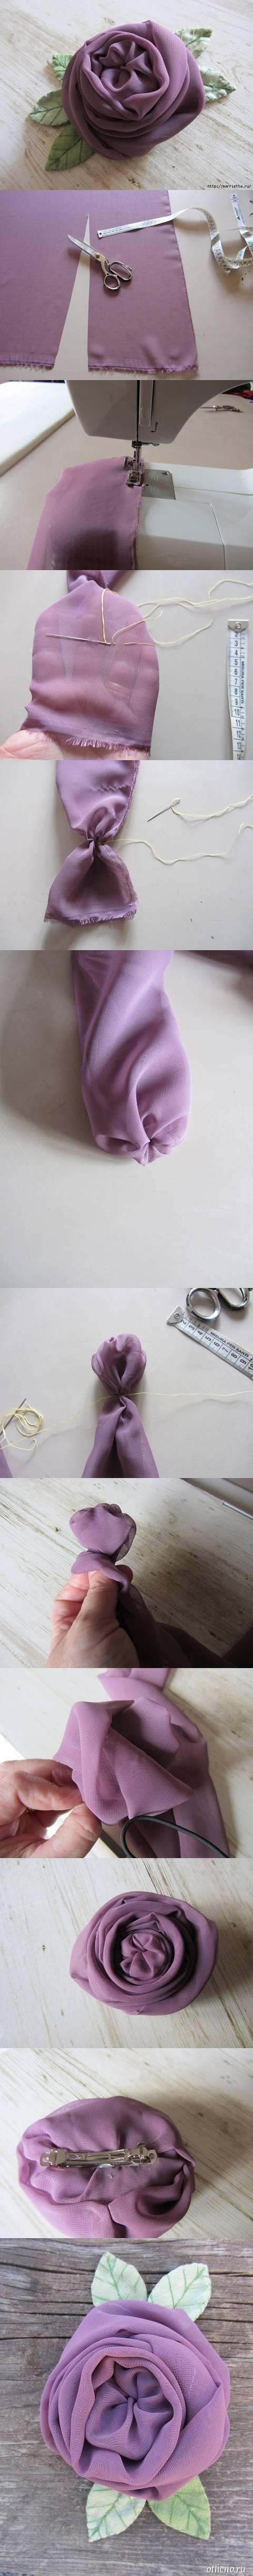 Роза из обрезка ткани